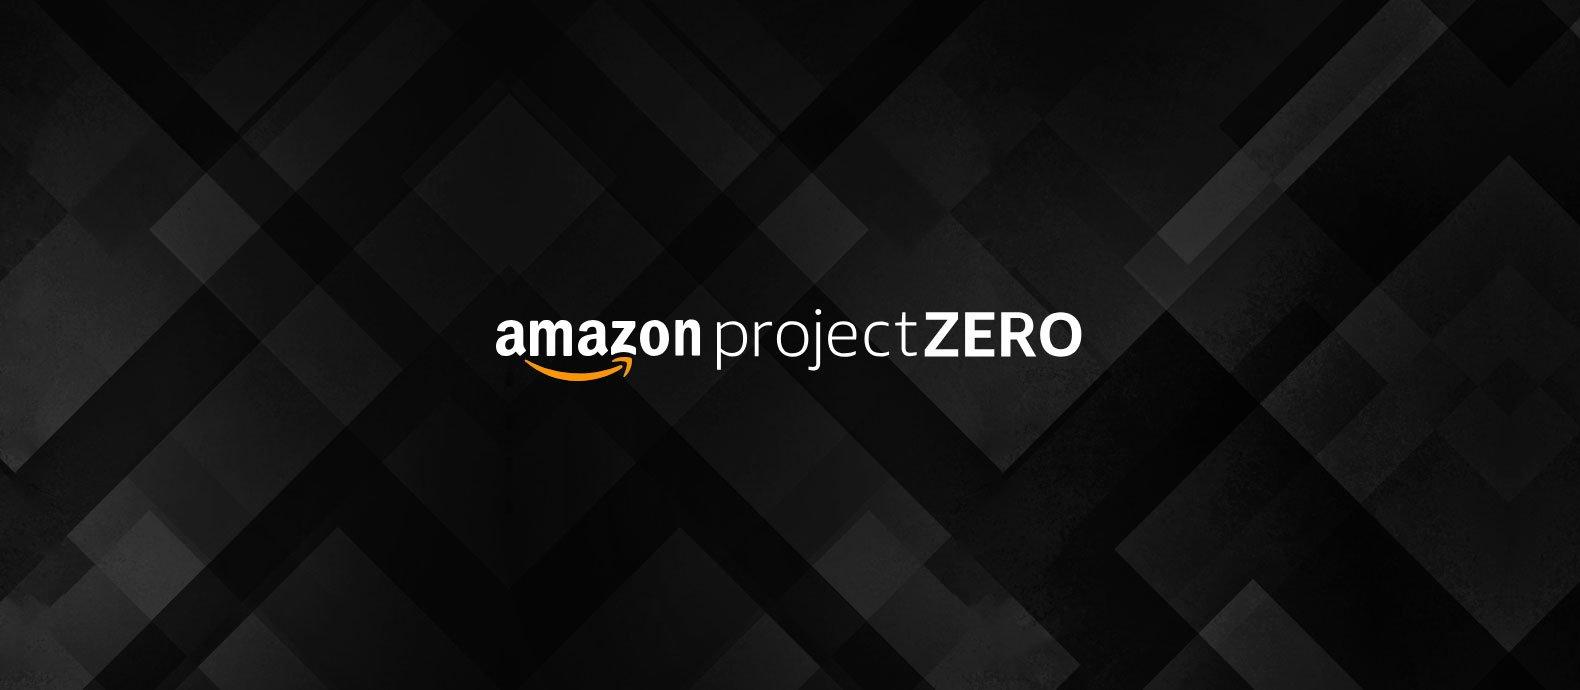 Amazon Protect Zero